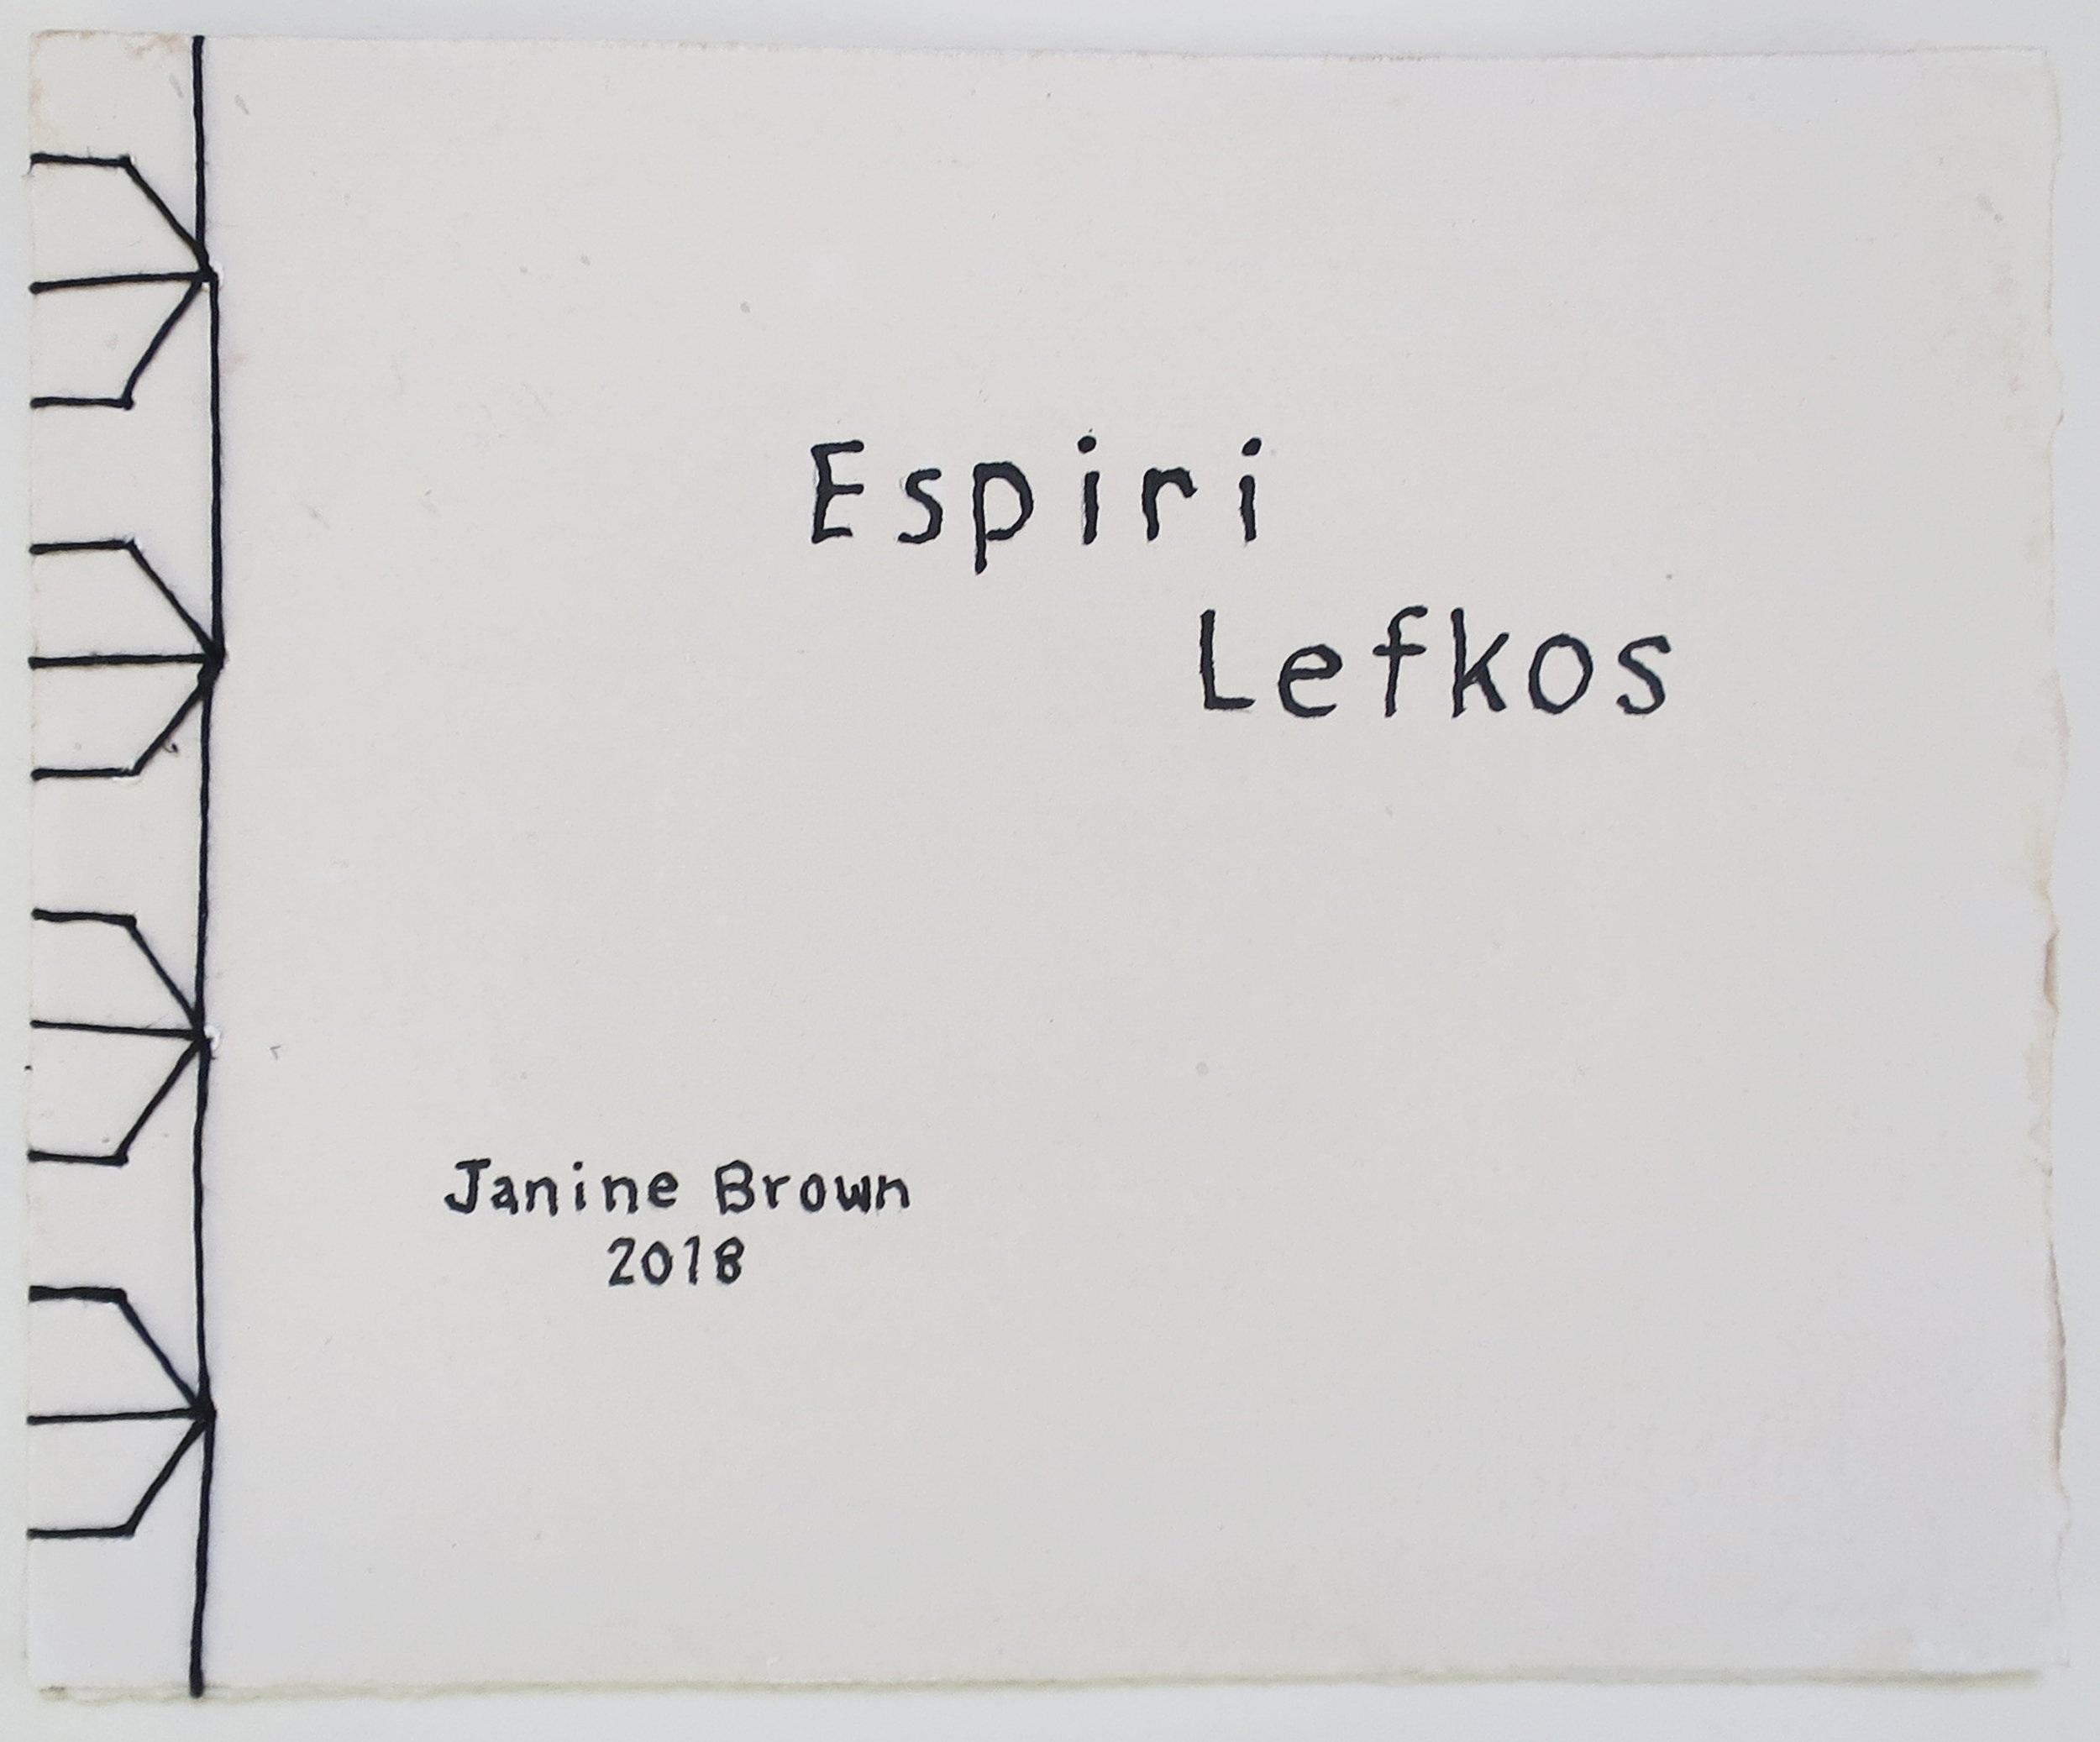 Espiri Lefkos